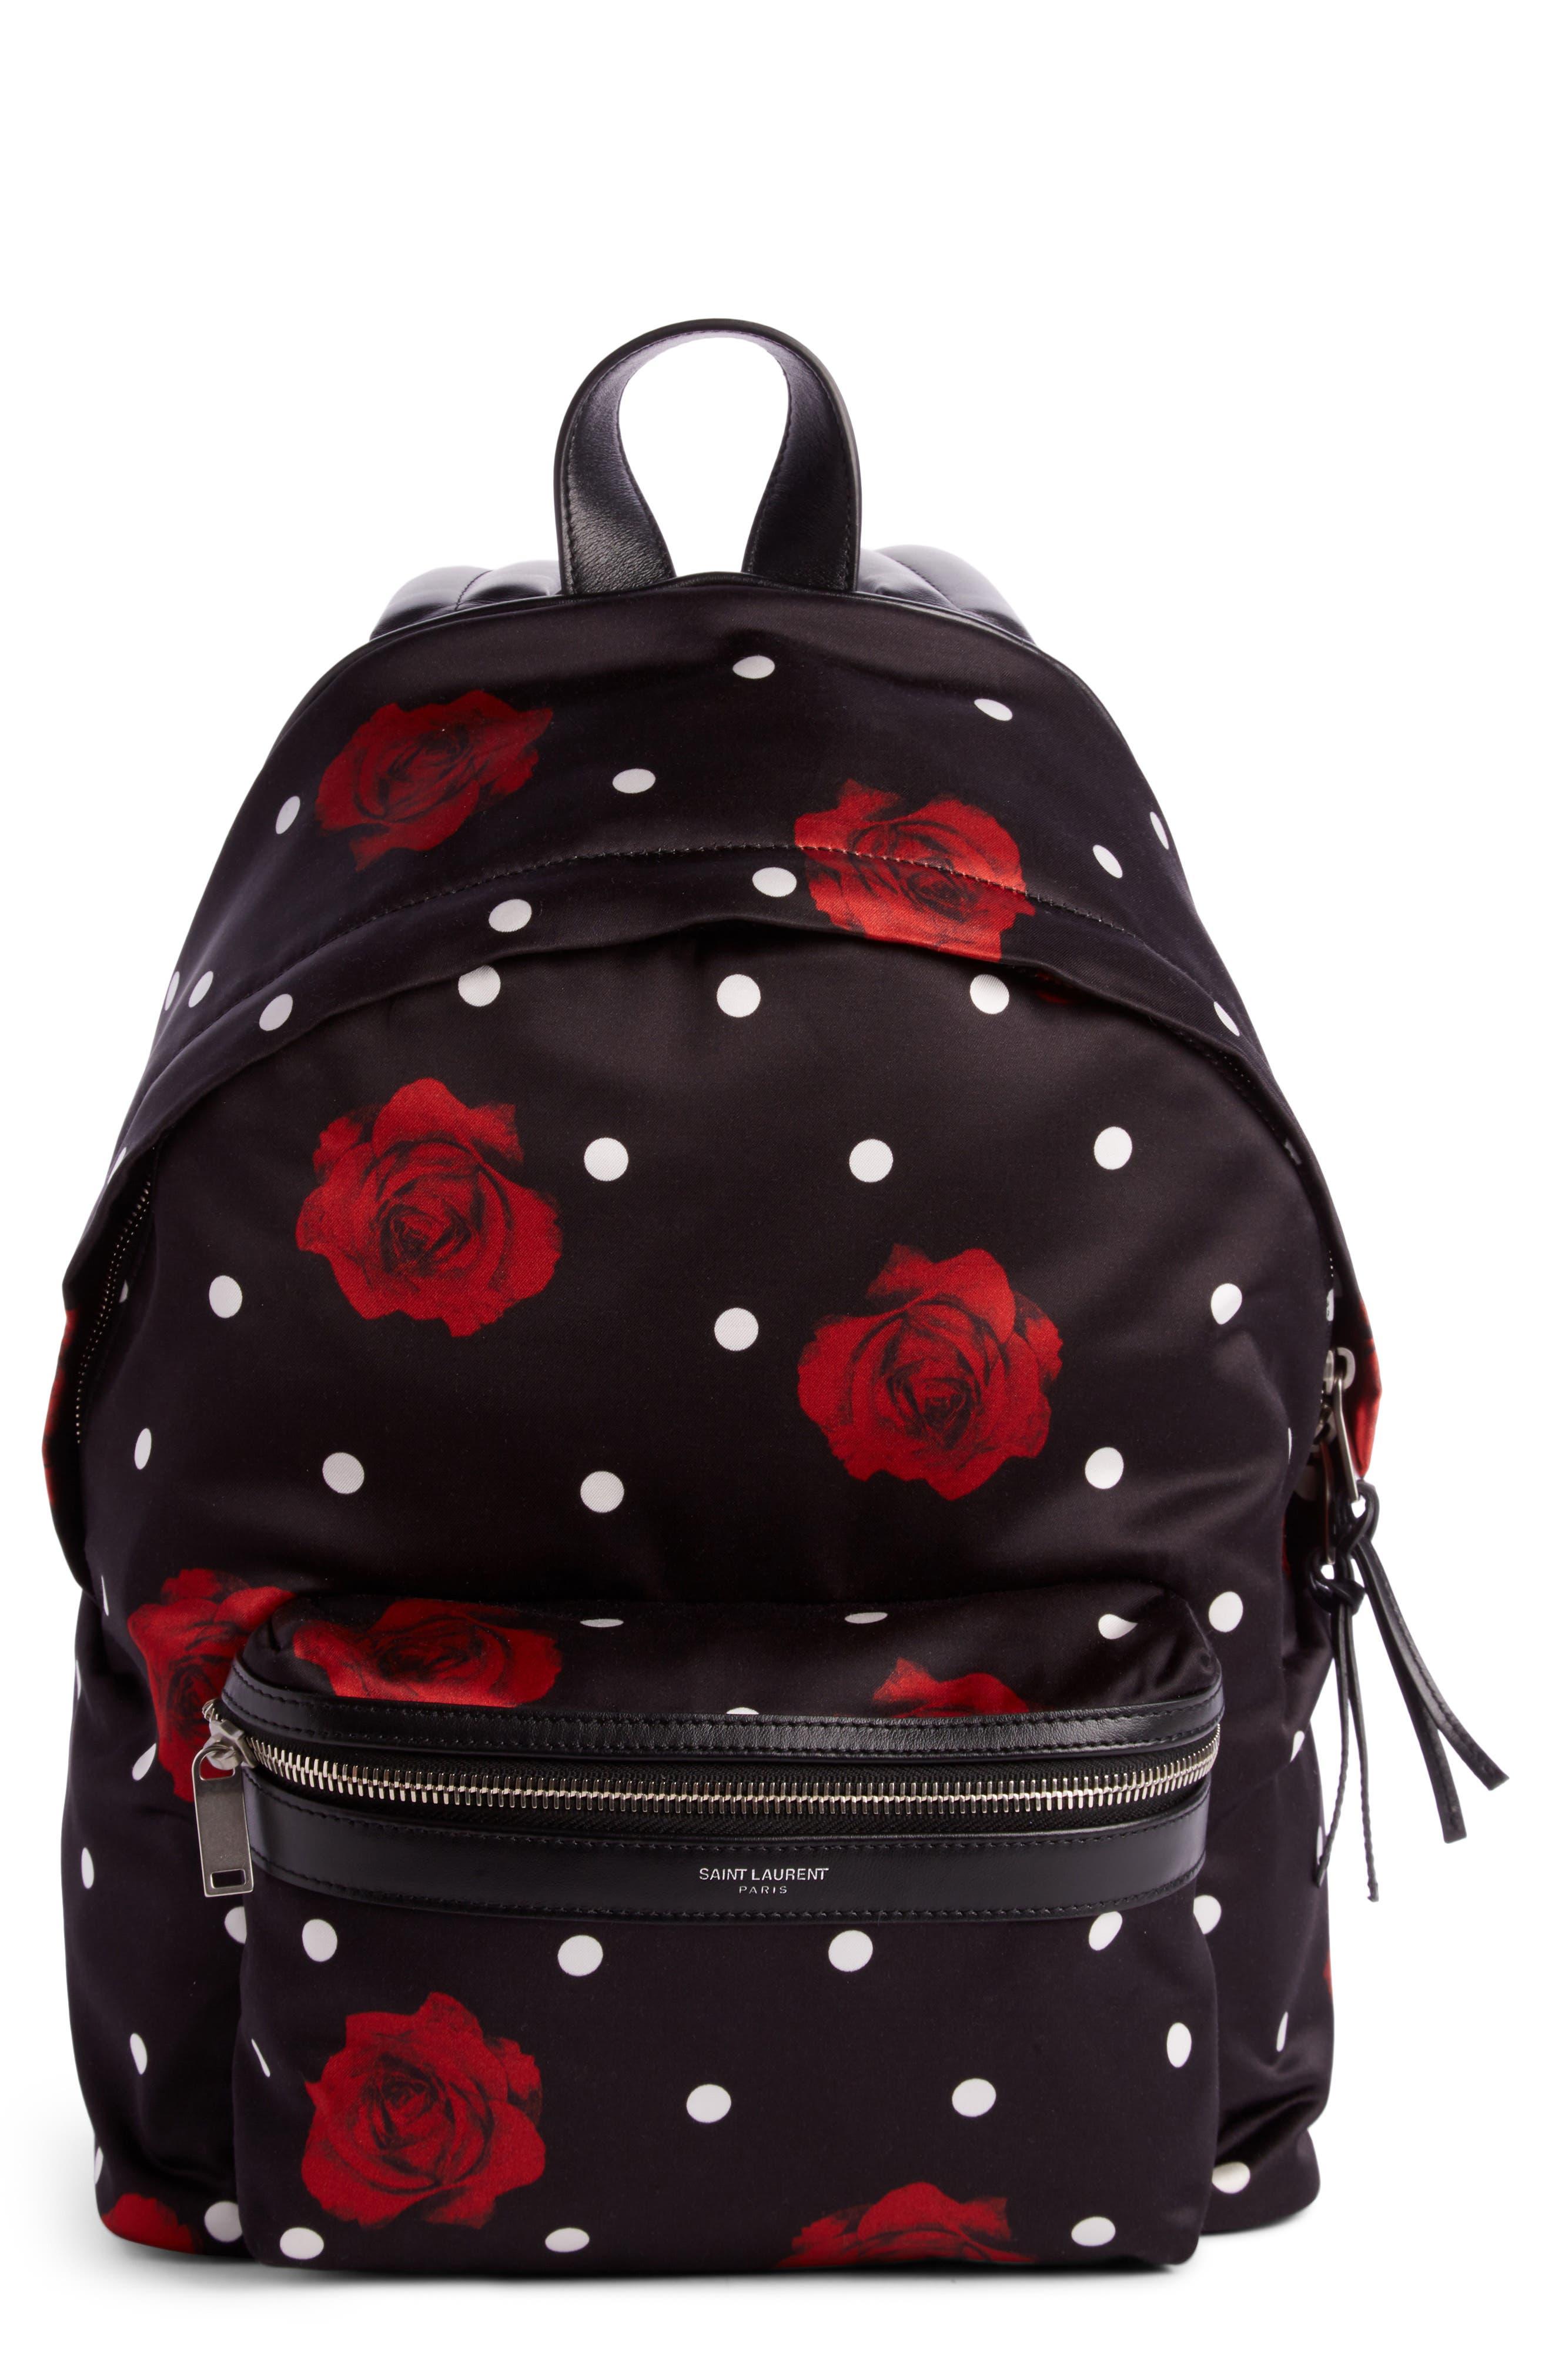 Main Image - Saint Laurent City Mini Rose Print Satin Backpack